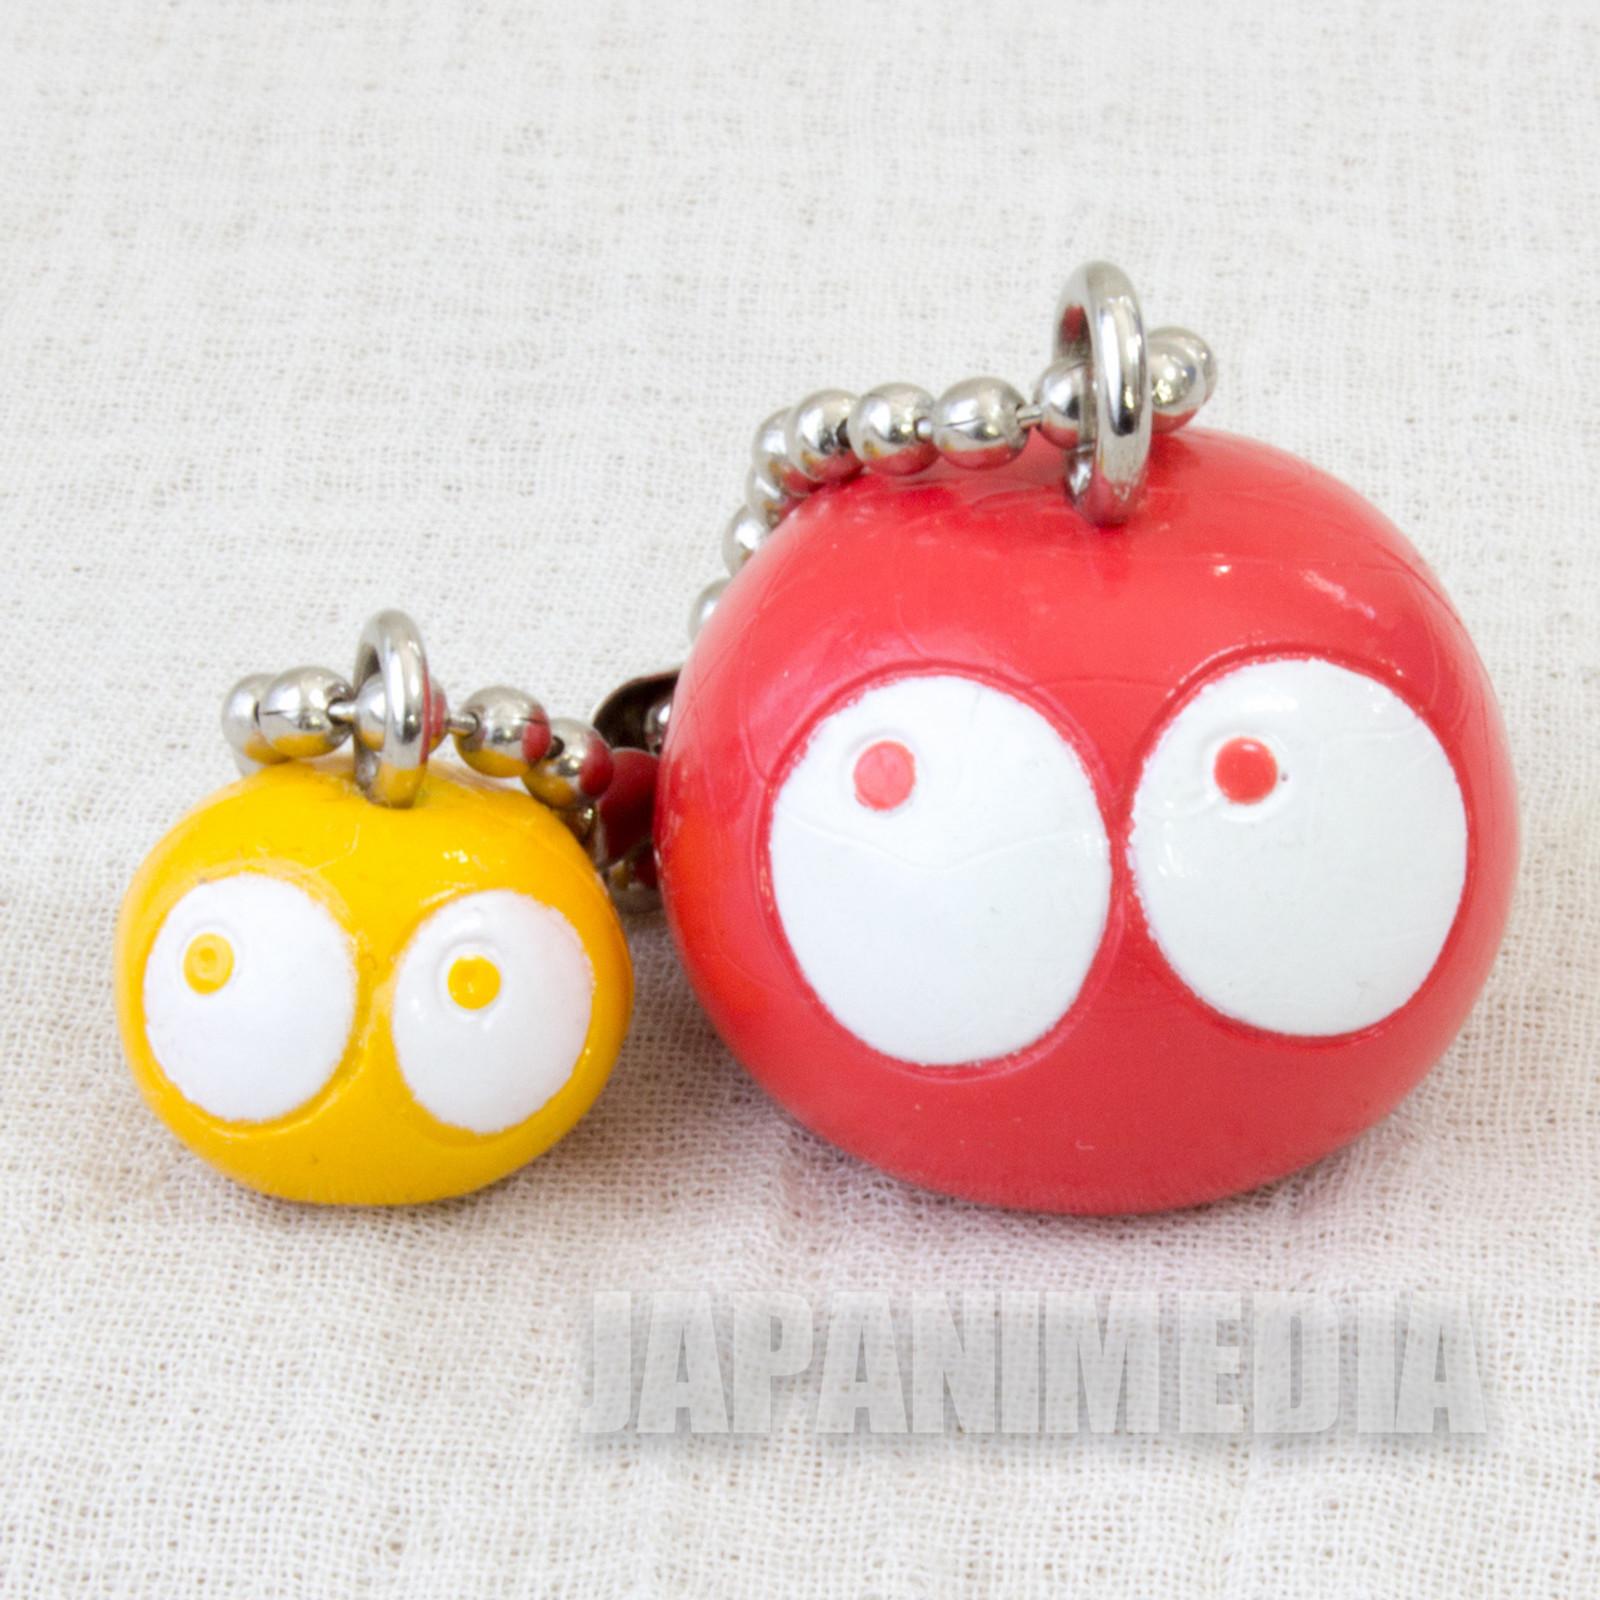 Retro RARE Puyo Puyo Red & Yellow Figure Keychain JAPAN FAME SEGA